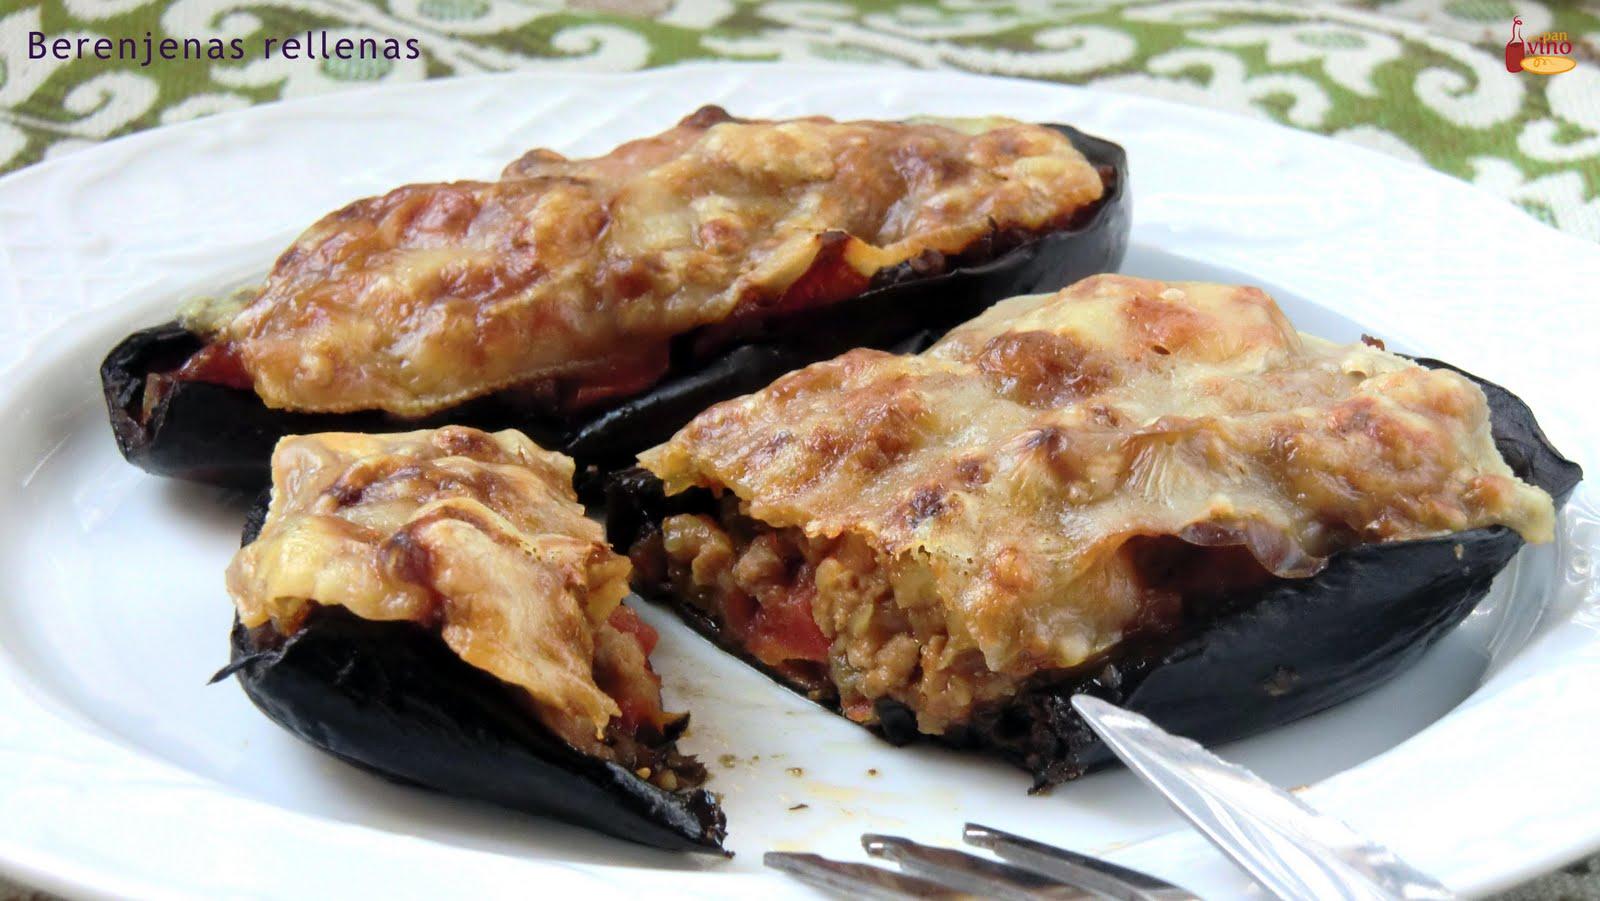 Berenjenas rellenas tvcocina recetas gourmet v deos for Cocina berenjenas rellenas